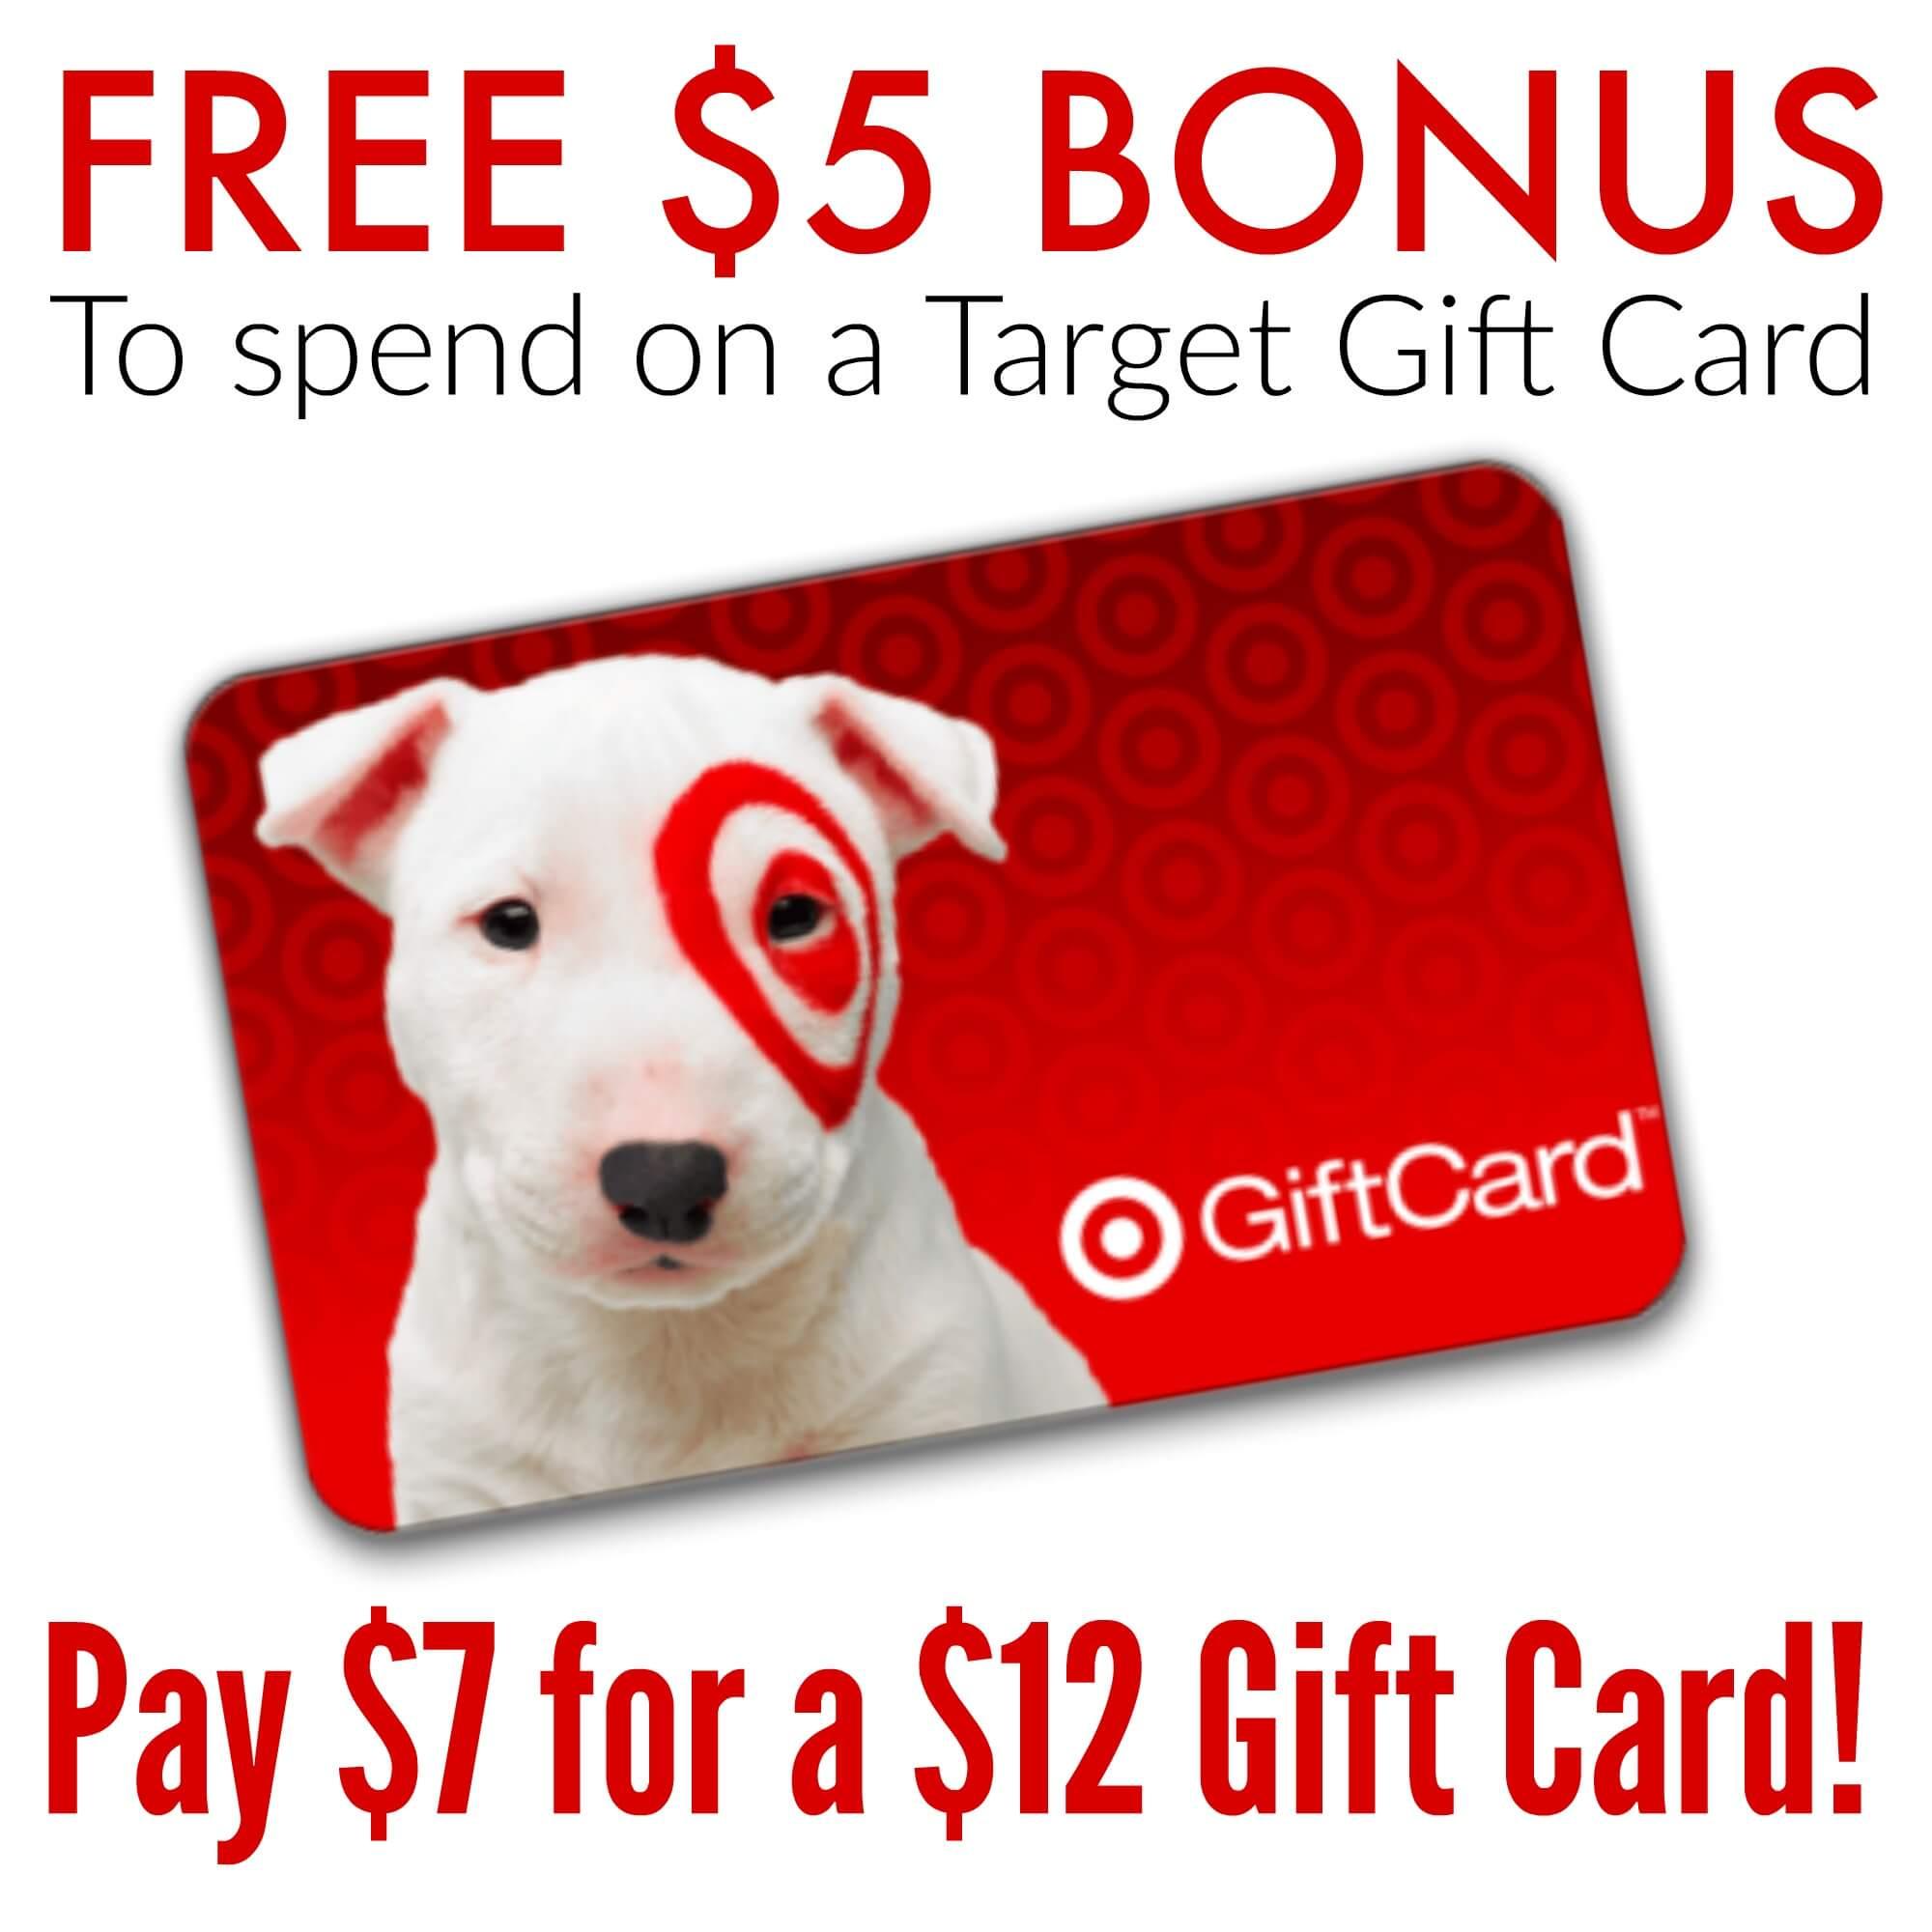 Target gift card deals